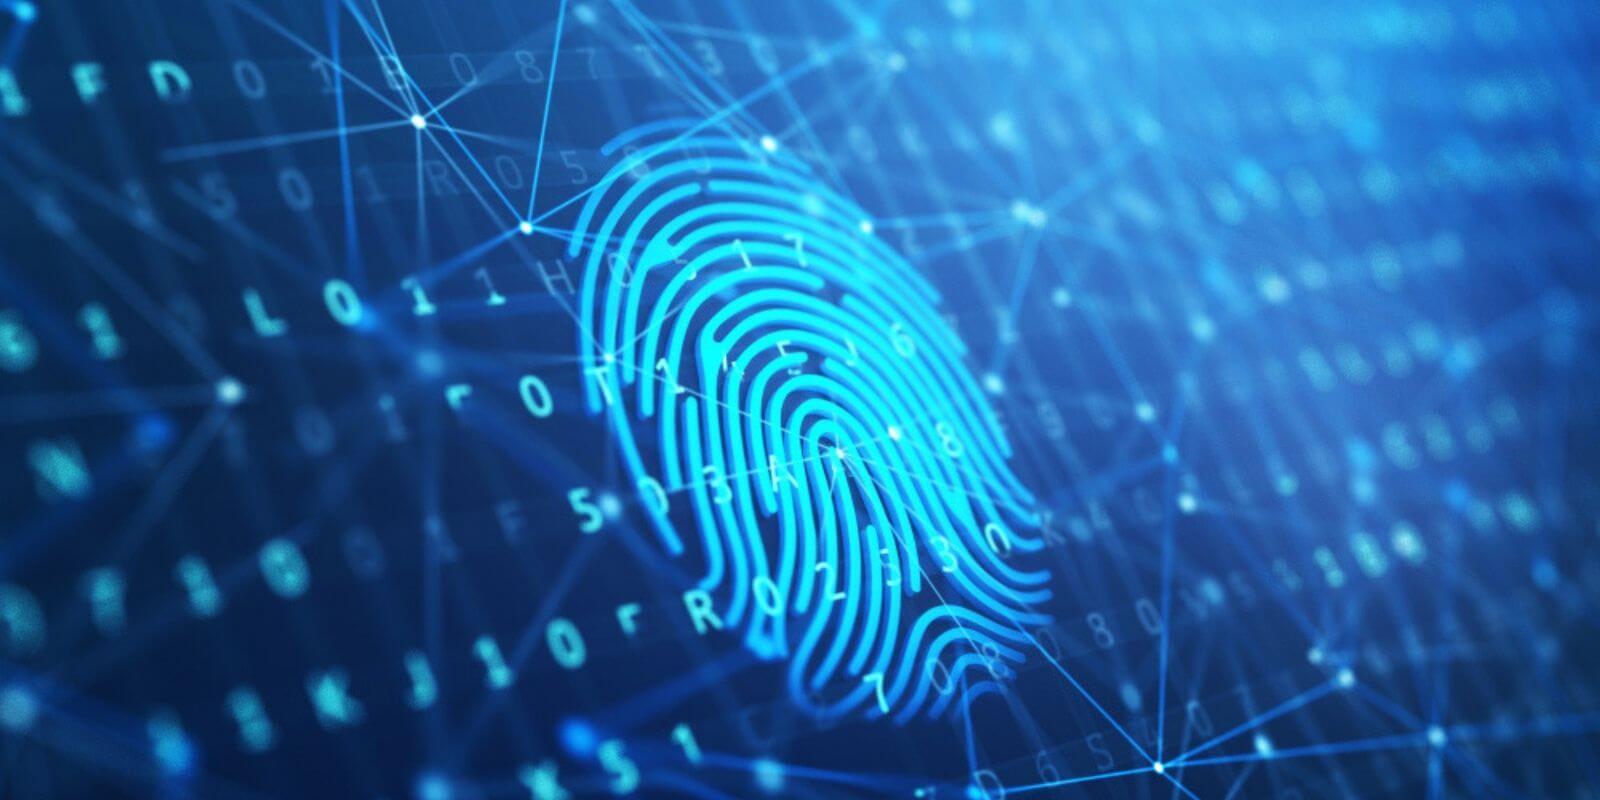 Corée du Sud: un programme gouvernemental utilisera la blockchain pour stocker des données d'identité